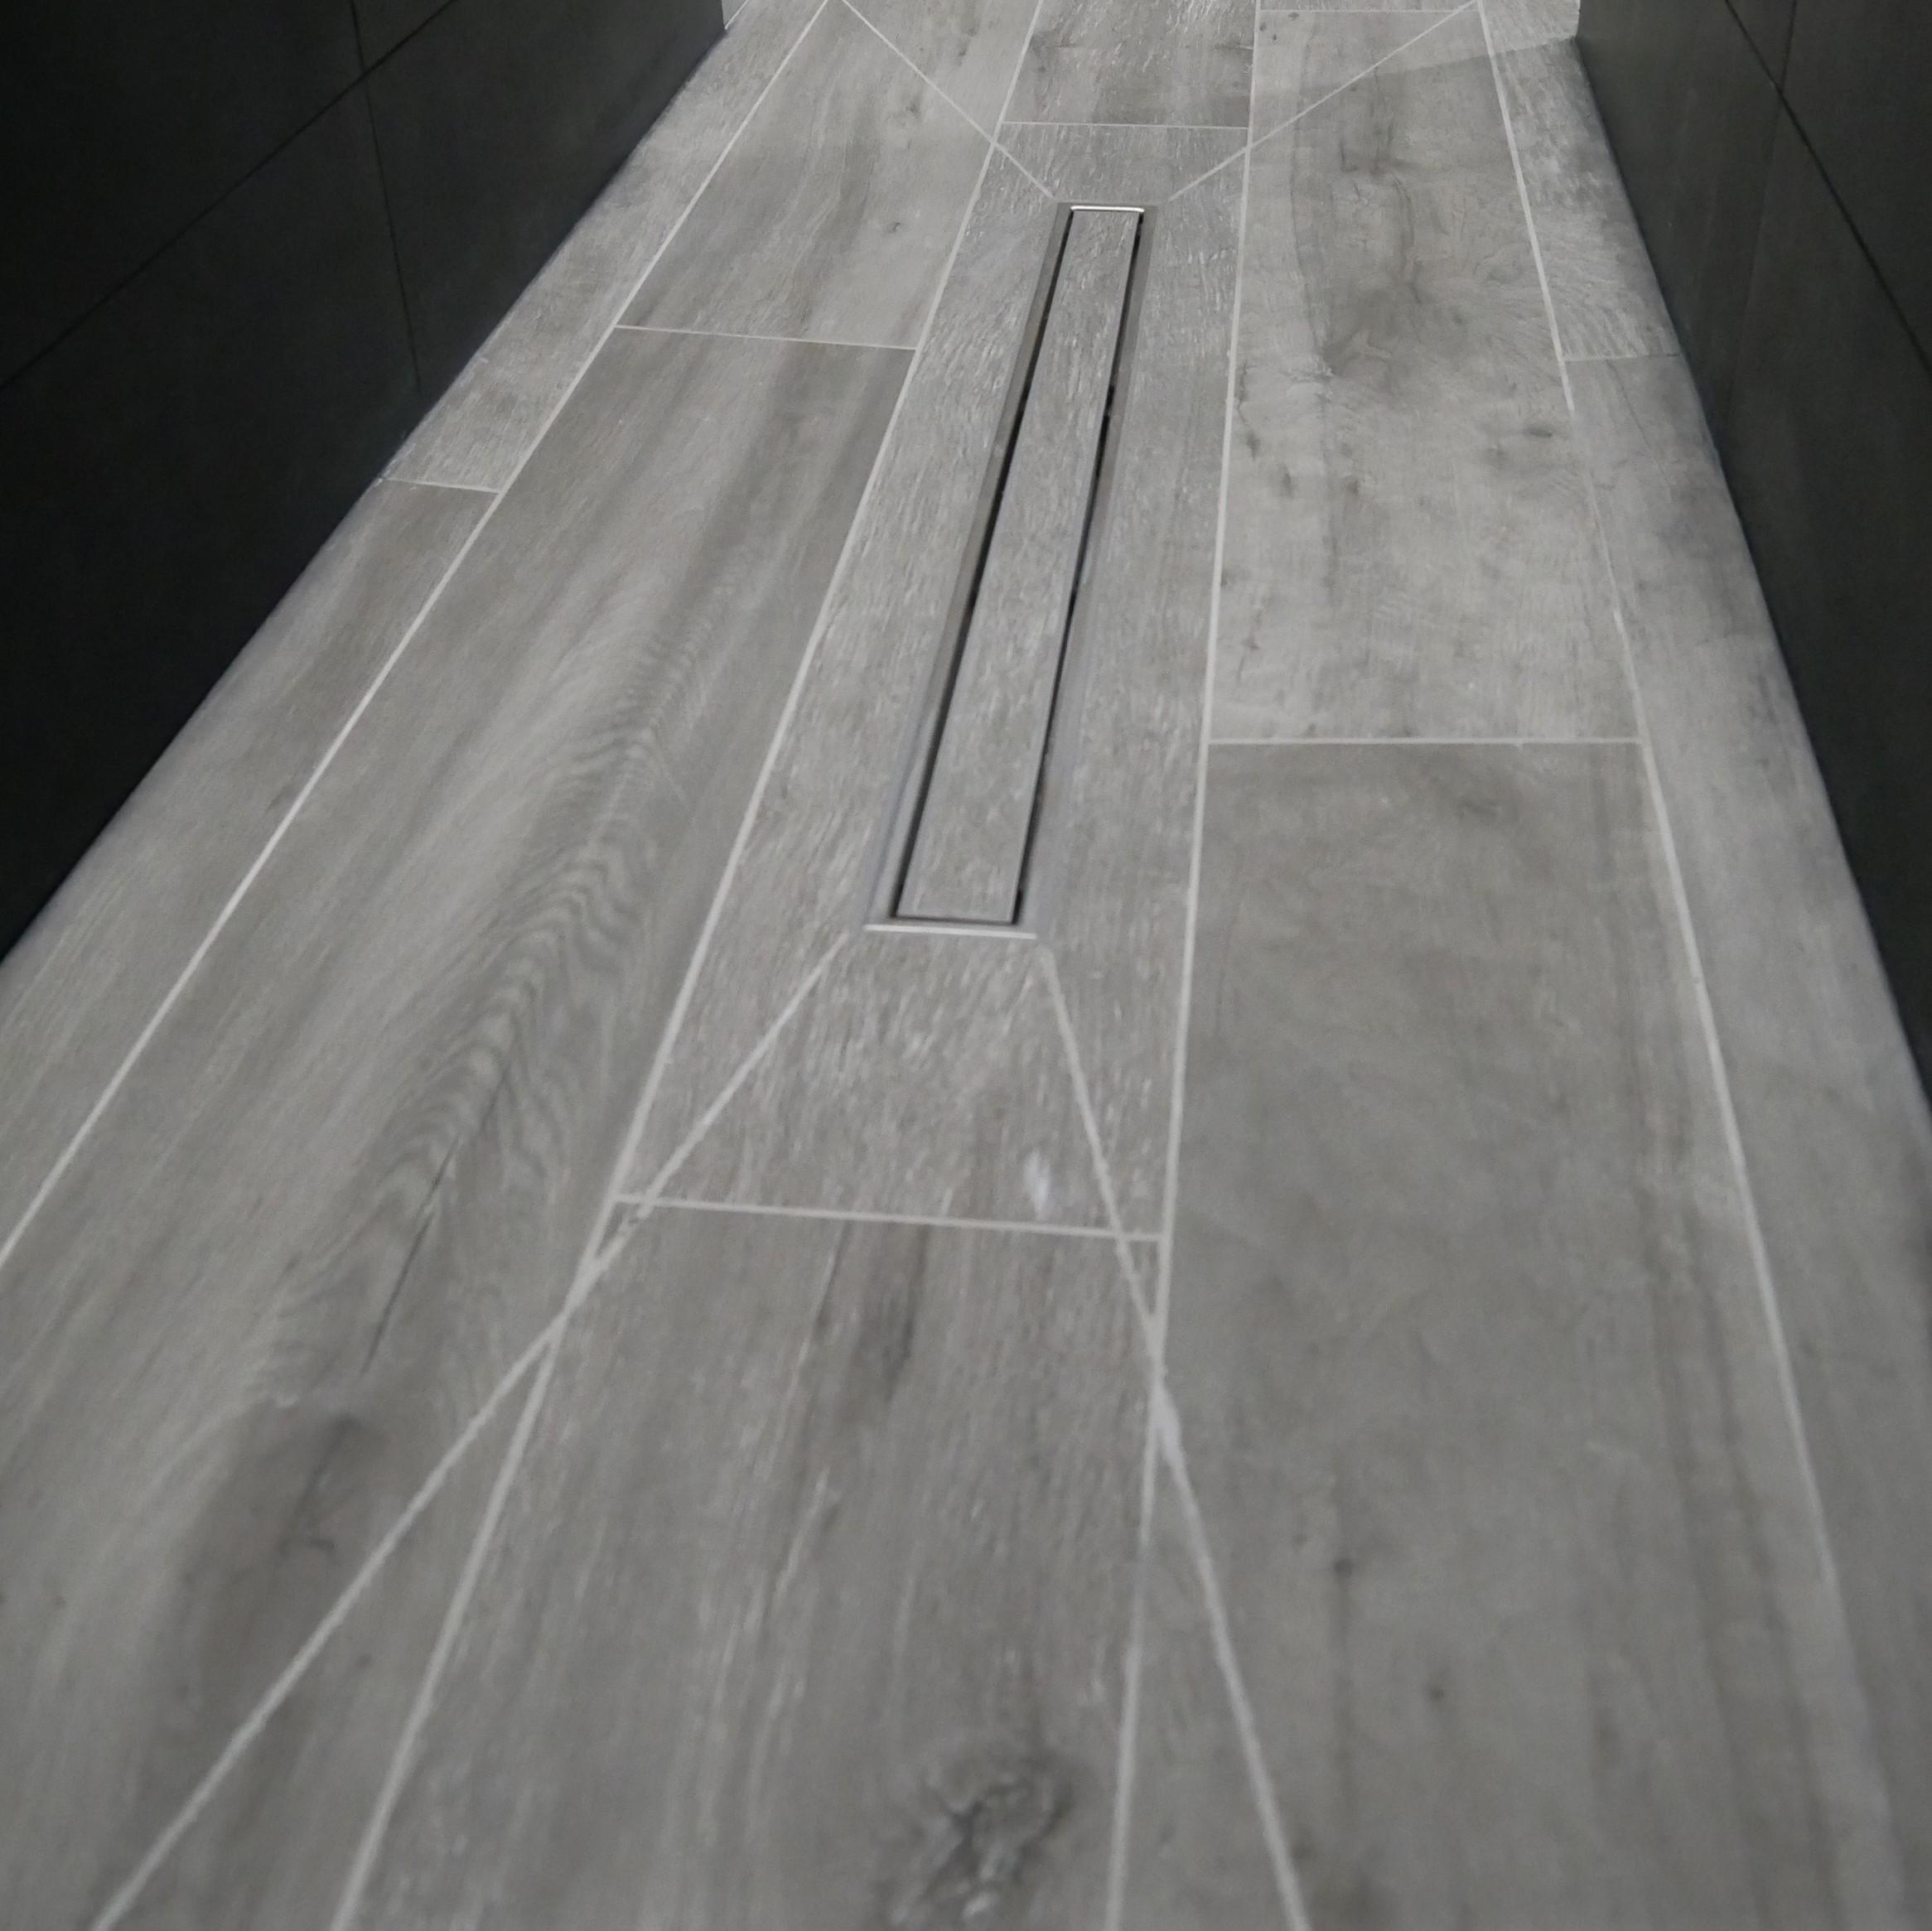 Magnifique douche à l'italienne design et morderne en carrelage imitation parquet avec une pose d'un caniveaux de douche carrelé BOSSARD assure votre confort au quotidien BOSSARD à Moncoutant mais intervient dans le 79,85,49 à BRESSUIRE CERIZAY MAULEON SECONDIGNY PARTHENAY CHICE CLESSE BOISME LA CHAPELLE SAINT LAURENT PUGNY LE BREUIL BERNARD AGGLO2B LARGEASSE NEUVY BOUIN LA FORET SUR SEVRE LA RONDE SAINT MARSAULT L ABSIE LE BUSSEAU SAINT PIERRE DU CHEMIN LA CHATAIGNERAIE LE BREUIL BARRE LE BUSSEAU COULONGES SUR L AUTIZE BEAULIEUR NOIRTERRE SAINT SAUVEUR TERVES CHANTELOUP COURLAY PUGNY LE BREUIL BERNARD SAINT JOUIN DE MILLY LES MOUTIERS SOUS CHANTEMERLE LE PIN LA PETITE BOISSIERE